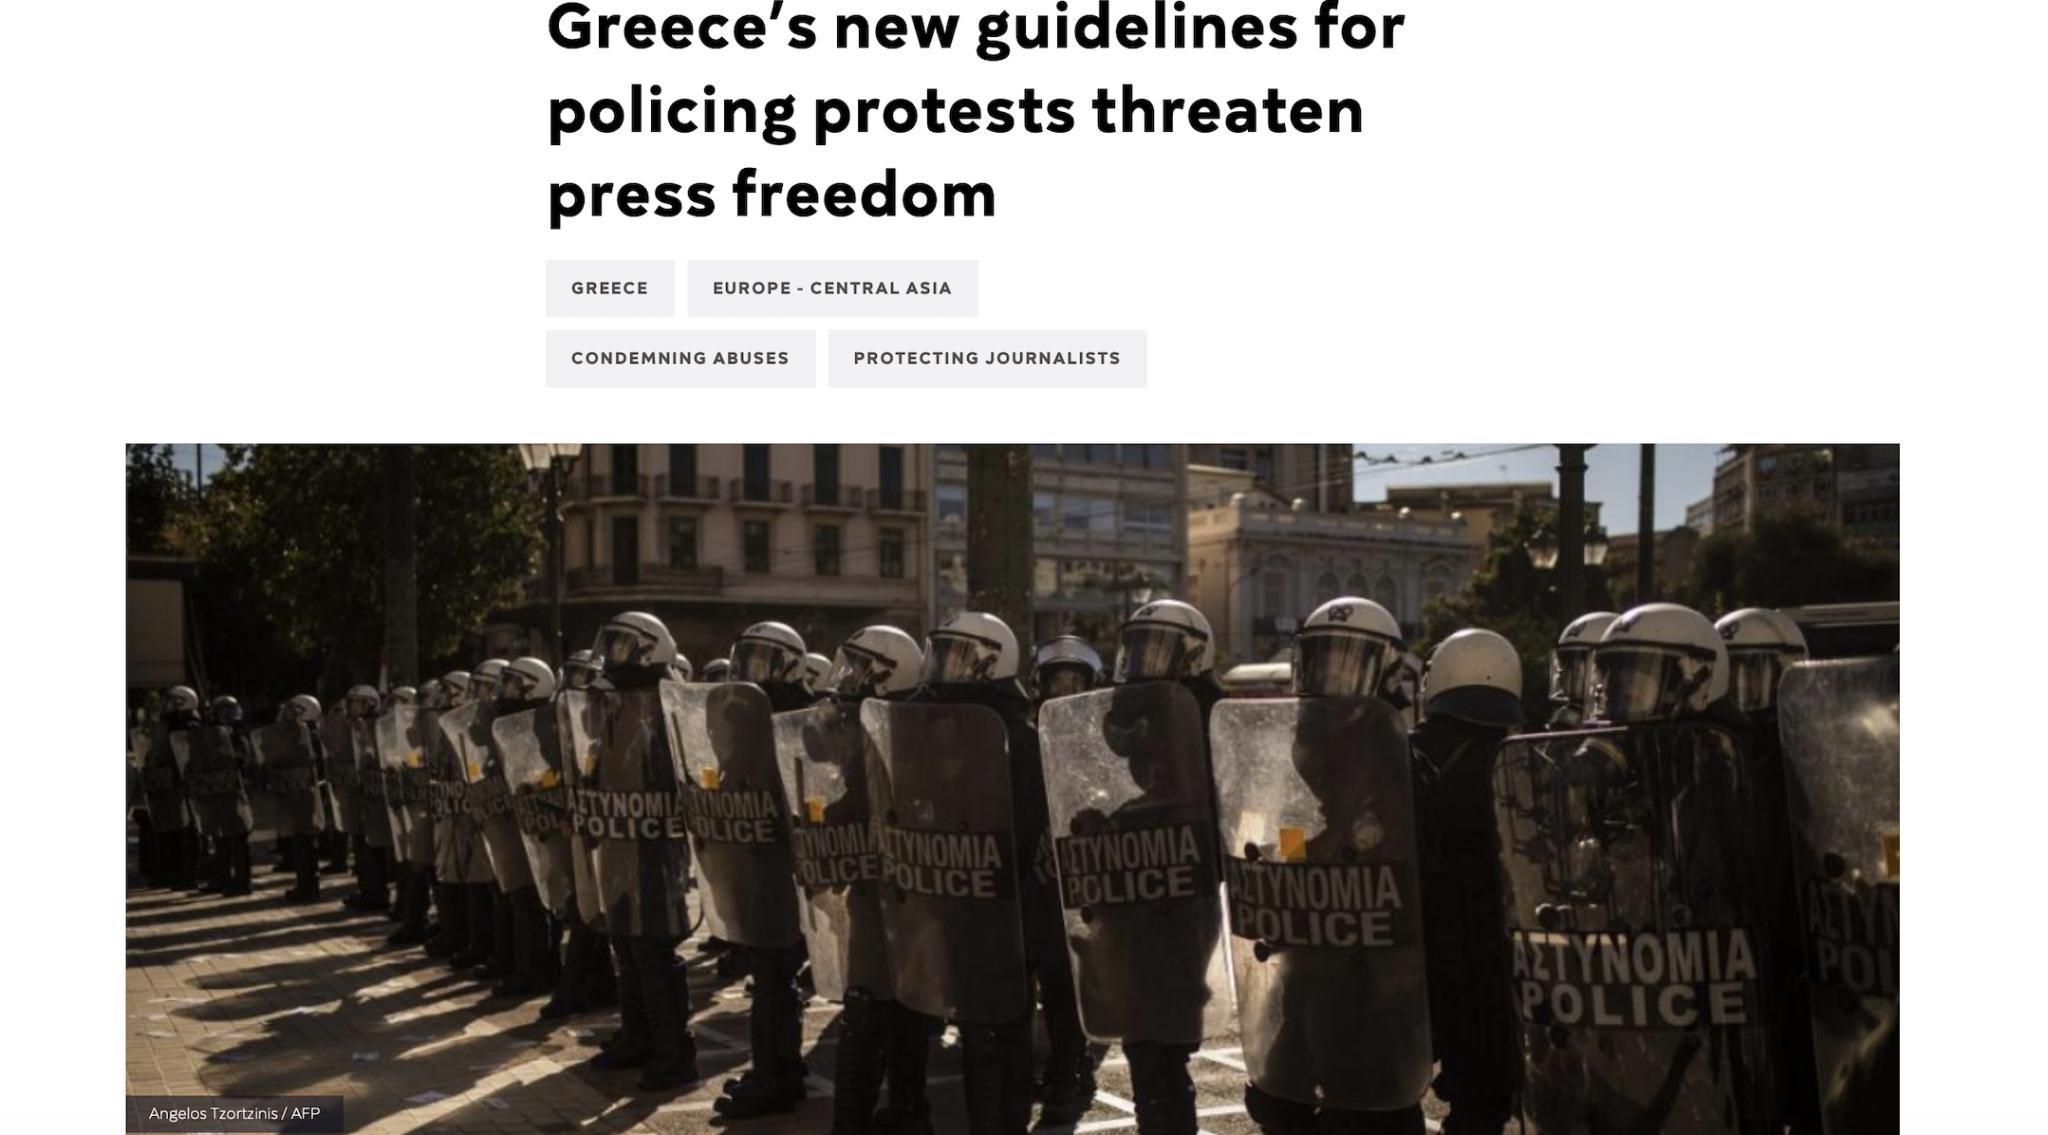 Η καταγγελία της κρατικής αυθαιρεσίας από διεθνείς δημοσιογραφικούς οργανισμούς πιστοποιεί την κατάντια του συνδικαλισμού στον δημοσιογραφικό κλάδο